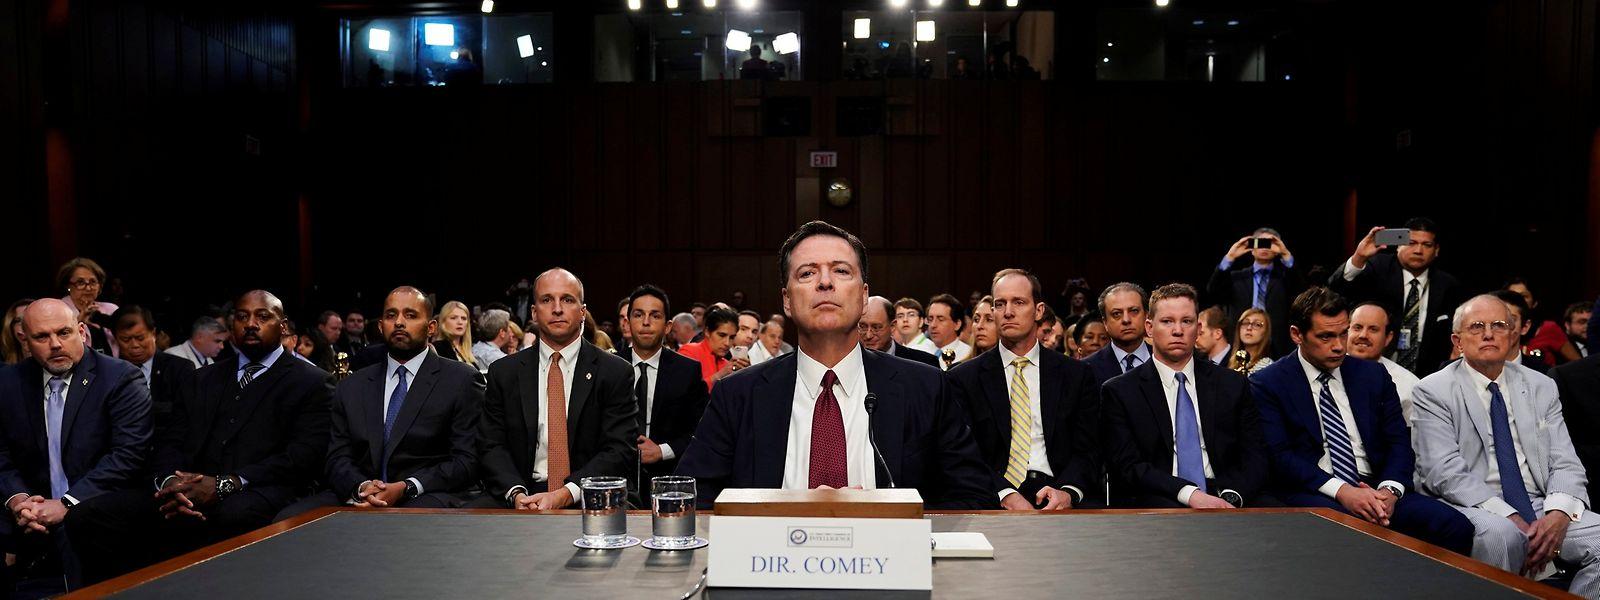 James Comey hat Donald Trump vor dem Ausschuss als Lügner bezeichnet. Trump schießt über seinen Anwalt zurück.